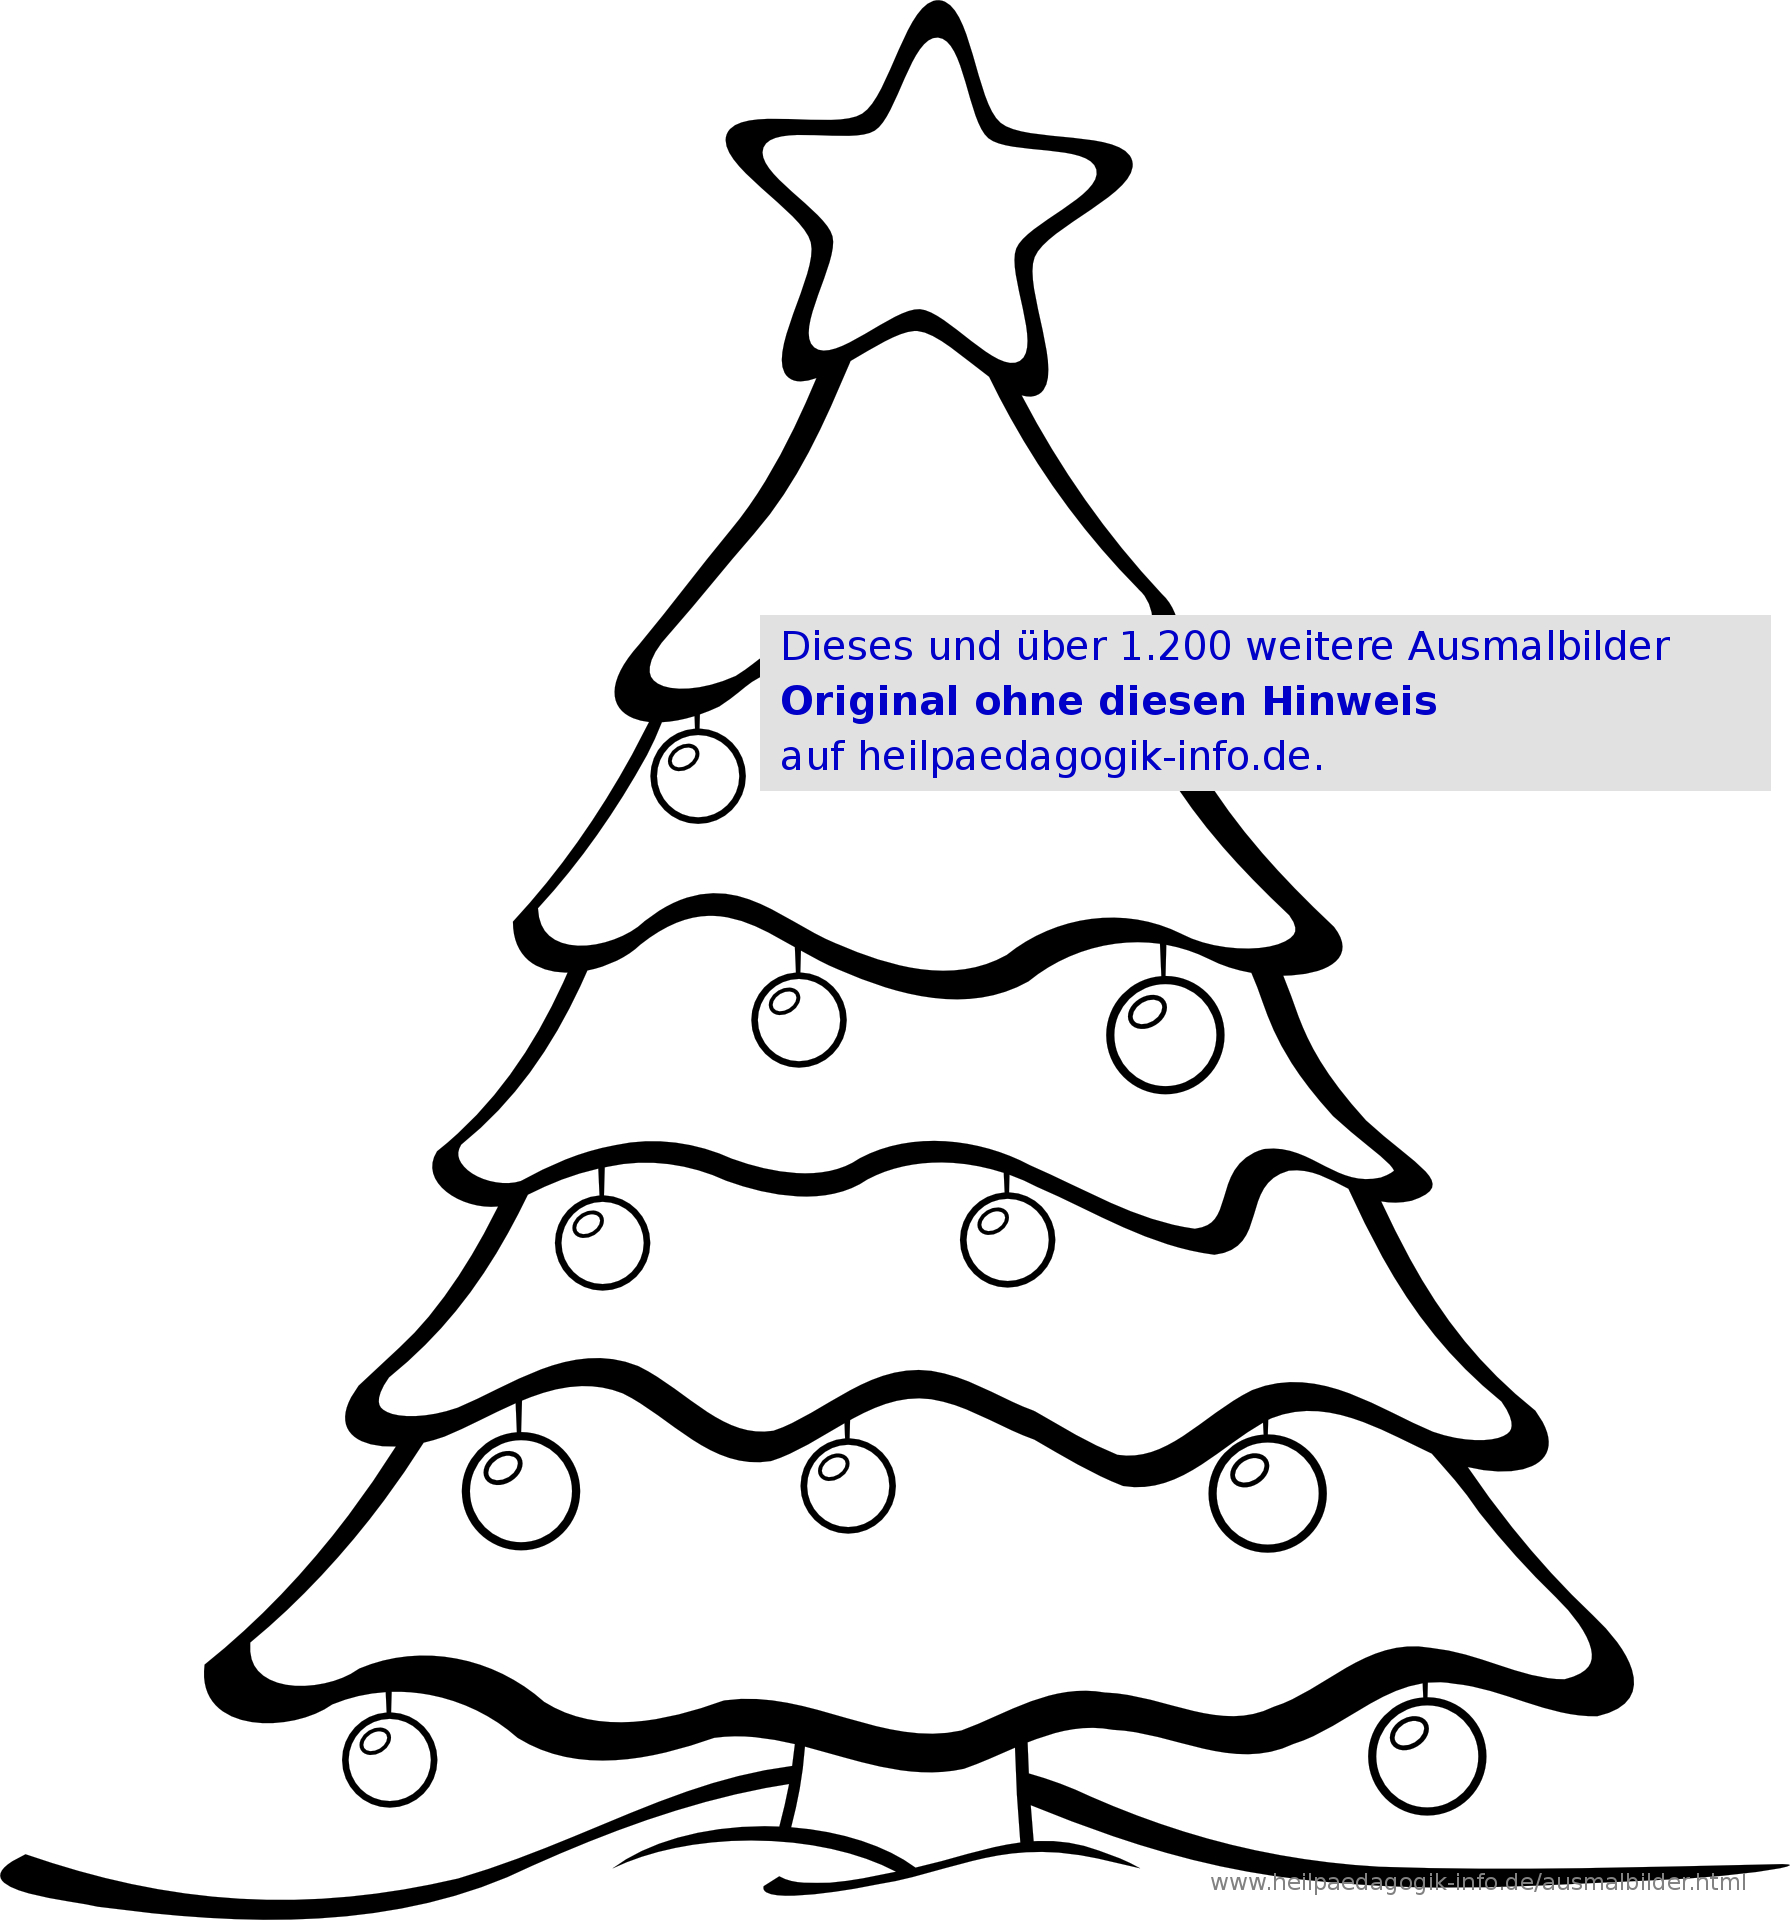 Ausmalbilder Weihnachten ganzes Malvorlagen Tannenbaum